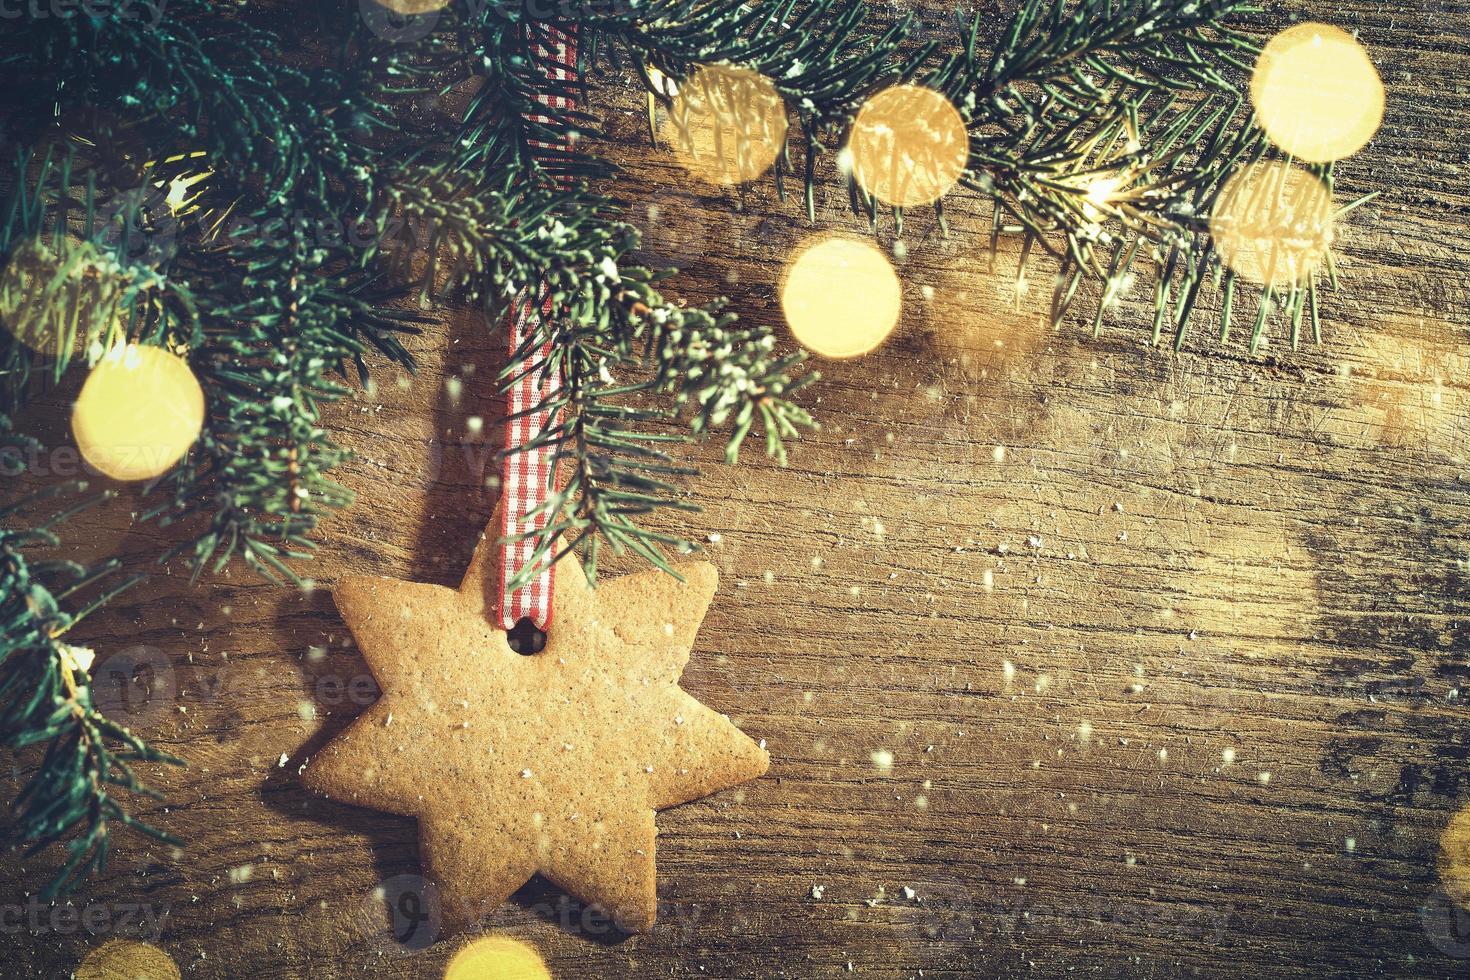 décoration de vacances d'hiver photo